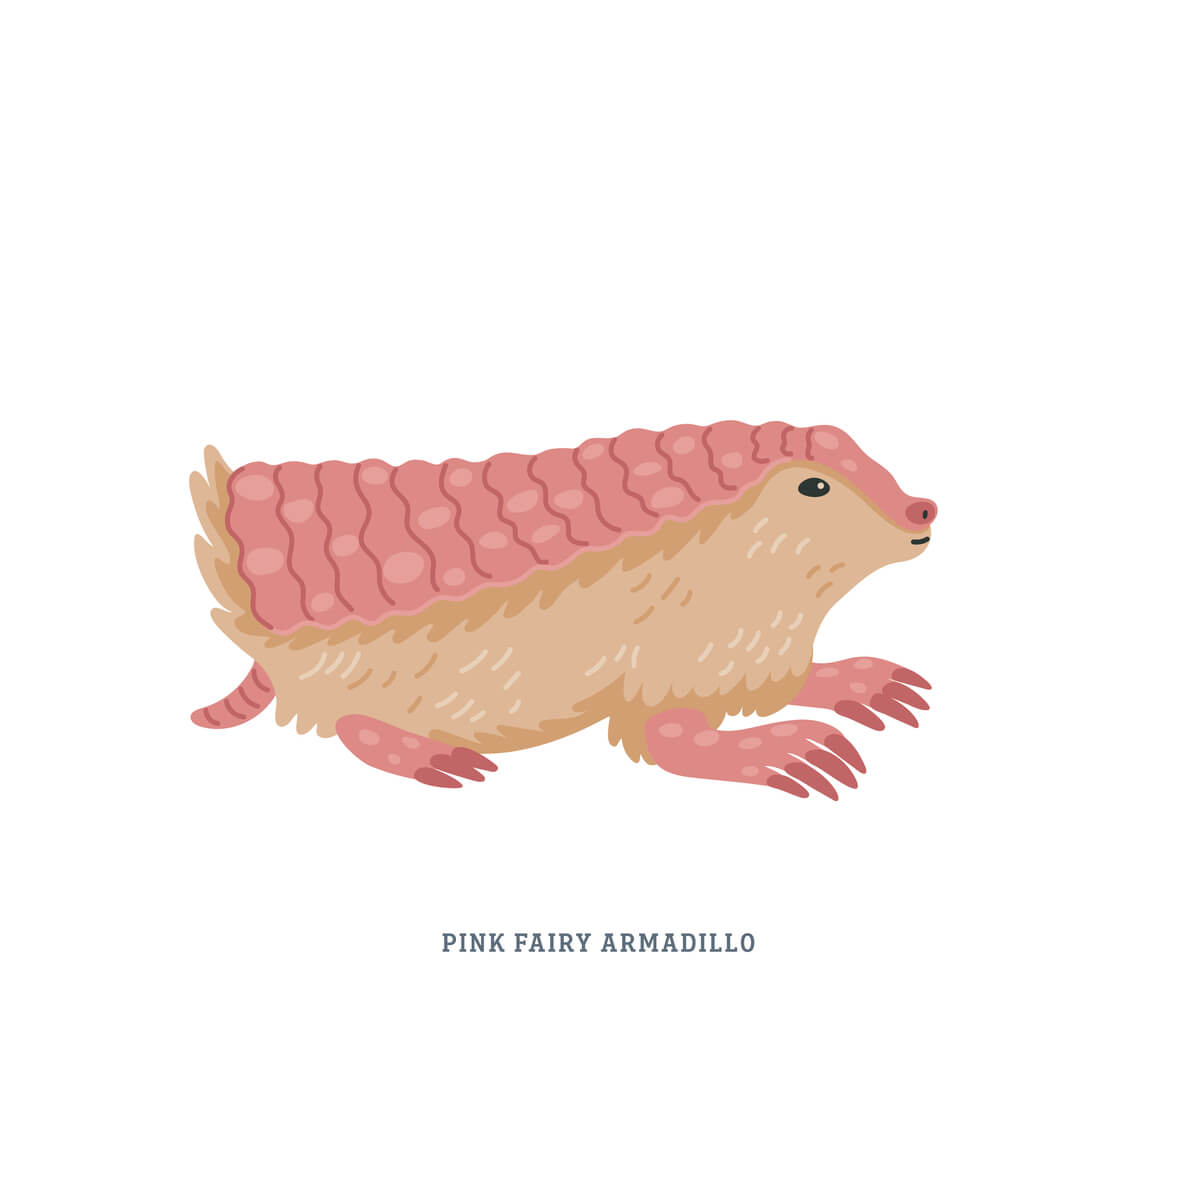 El pichiciego es una de las especies de armadillos.